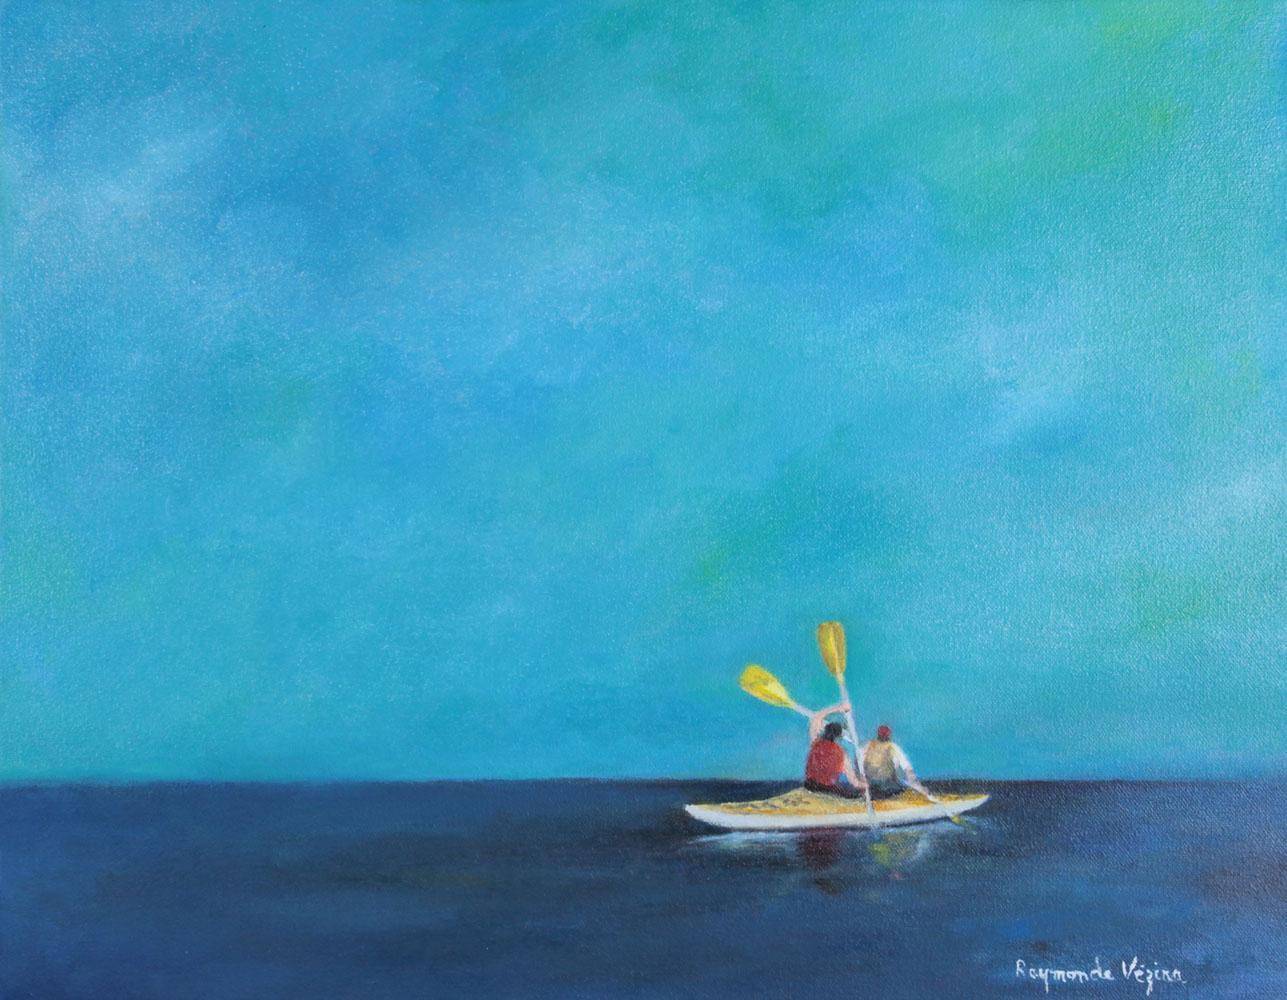 Vacances en kayak  14x18.jpg